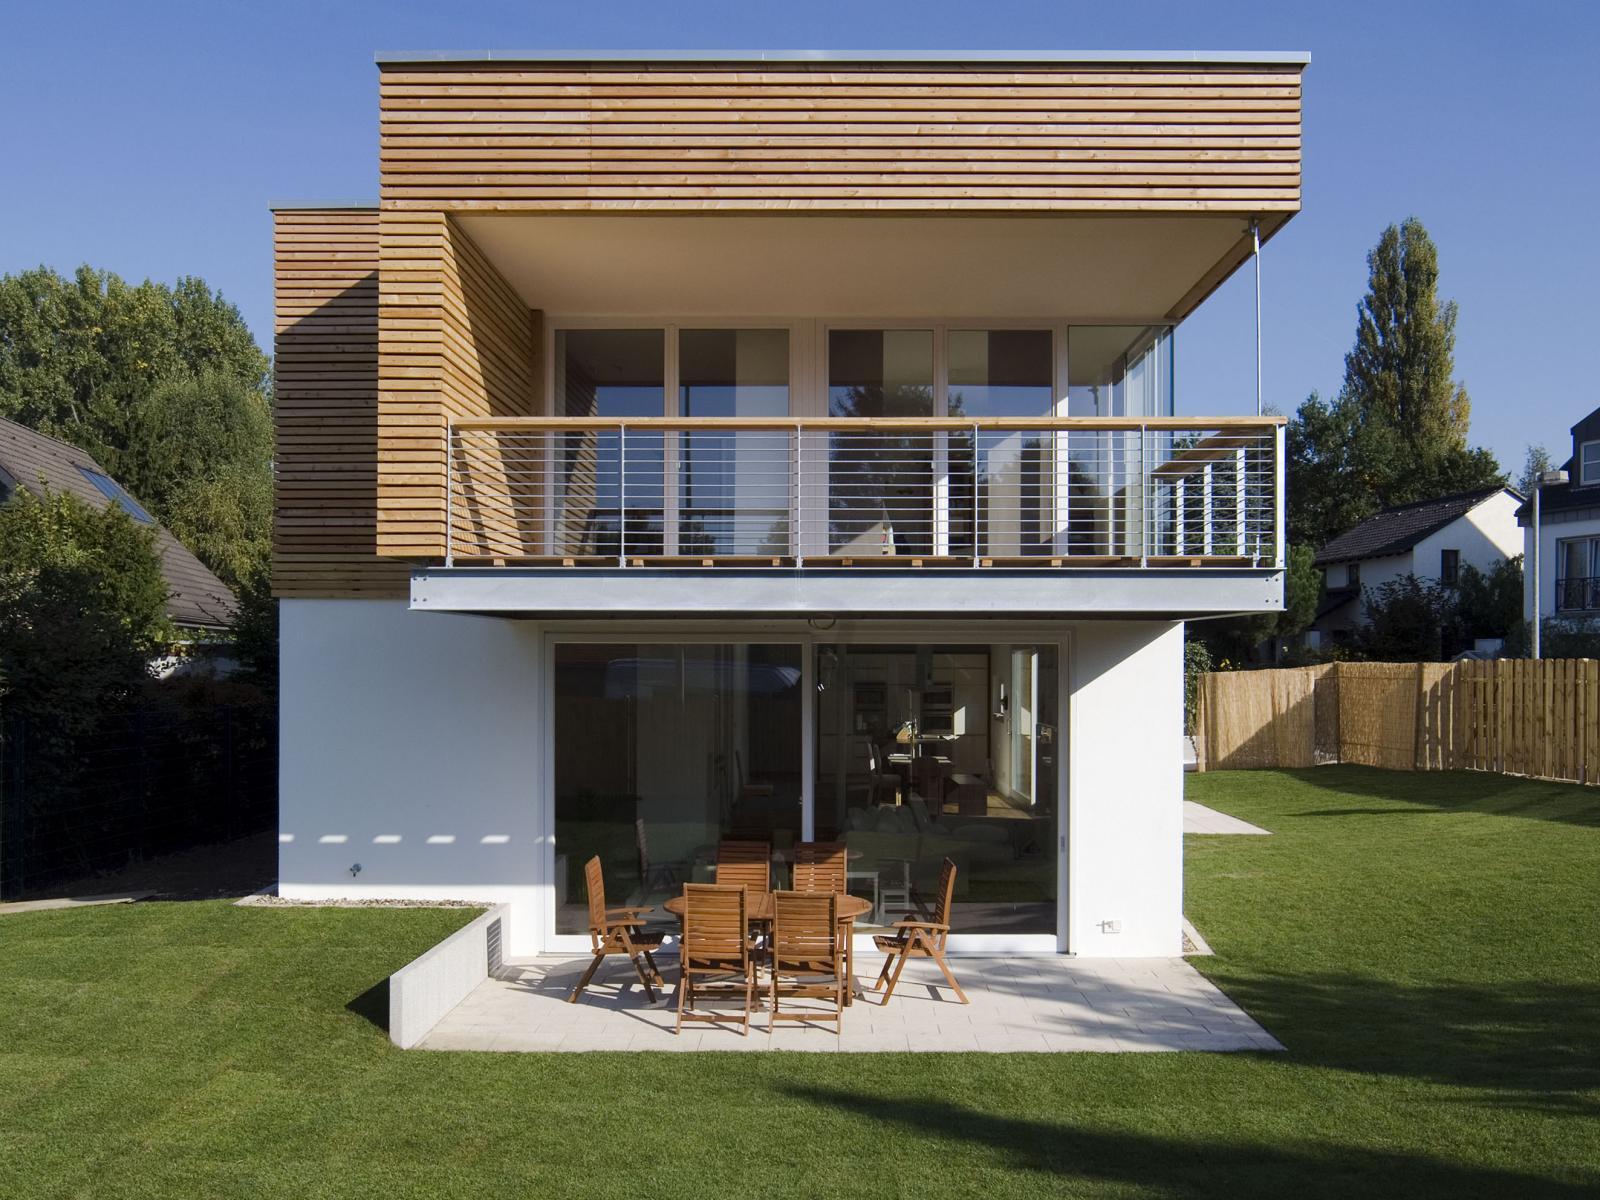 pagelhenn architektinnenarchitekt |